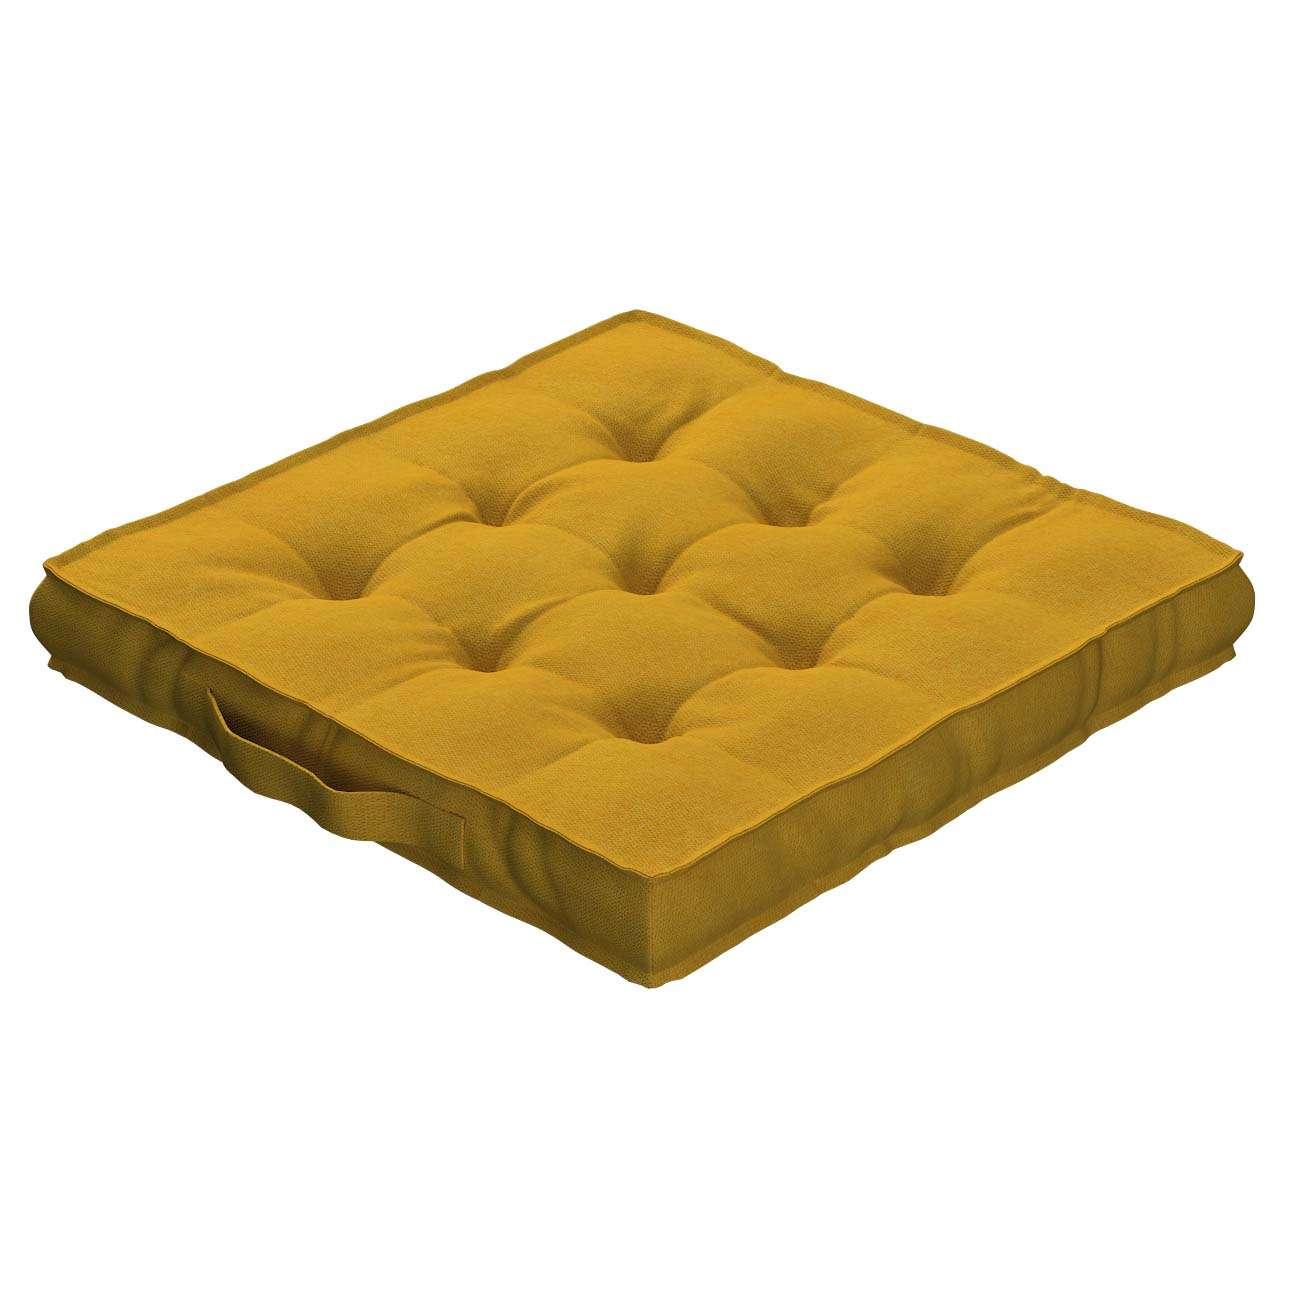 Pagalvėlė Kuba kėdei/ant grindų 40 x 40 x 6 cm kolekcijoje Etna , audinys: 705-04